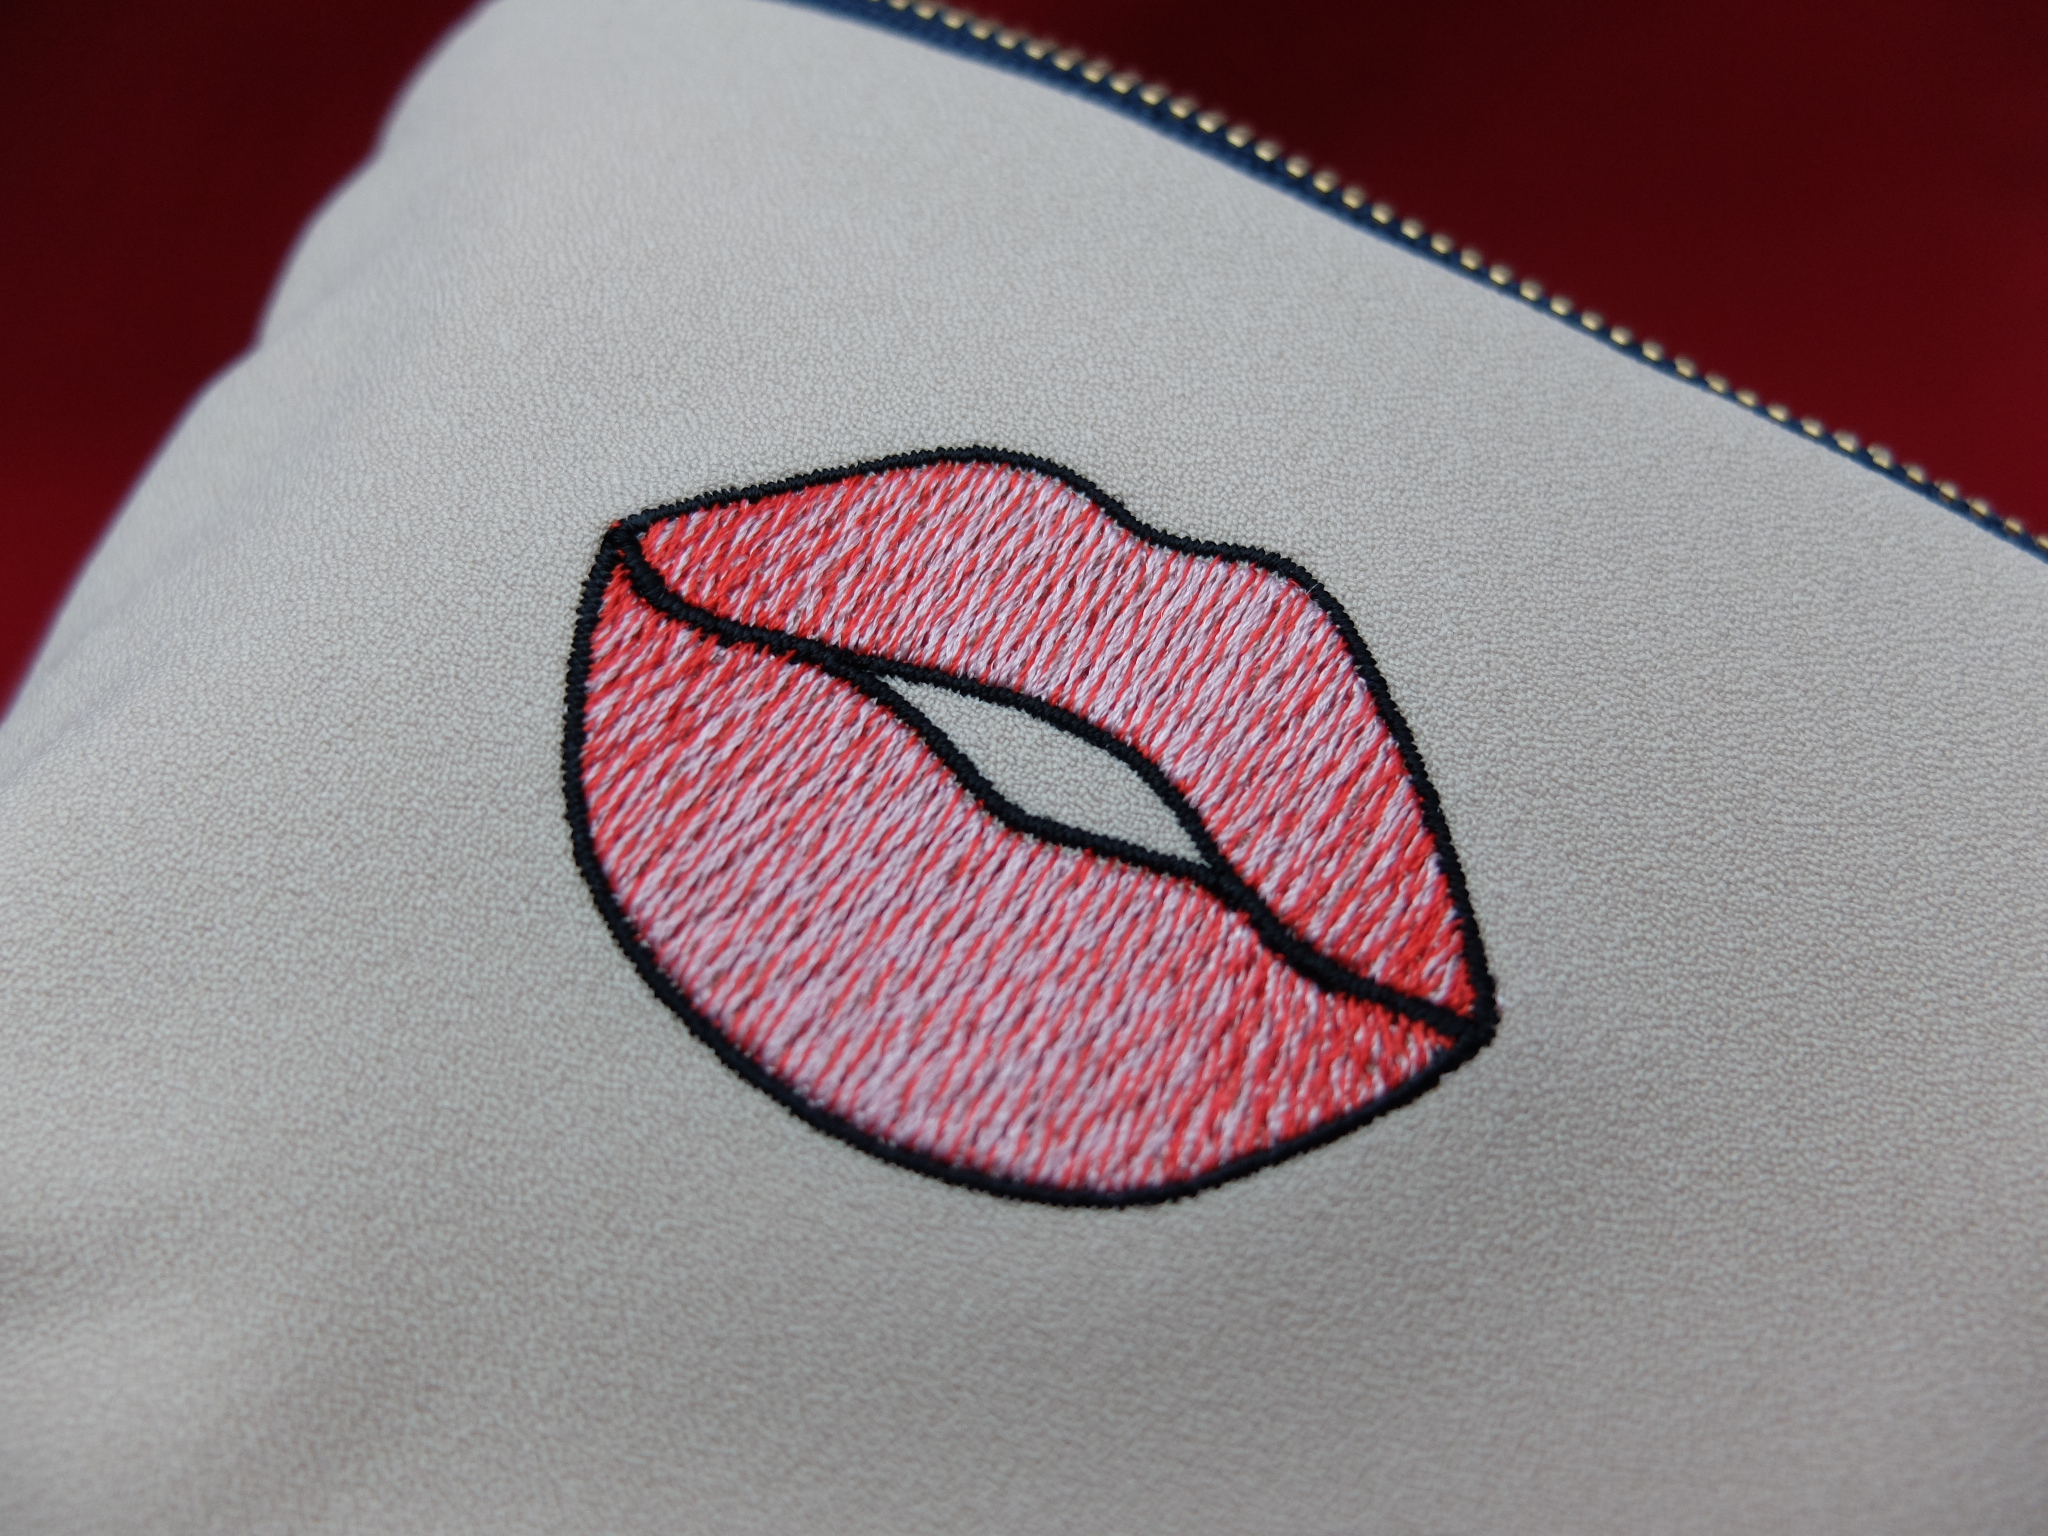 唇マーク キスマーク 刺繍ポーチ